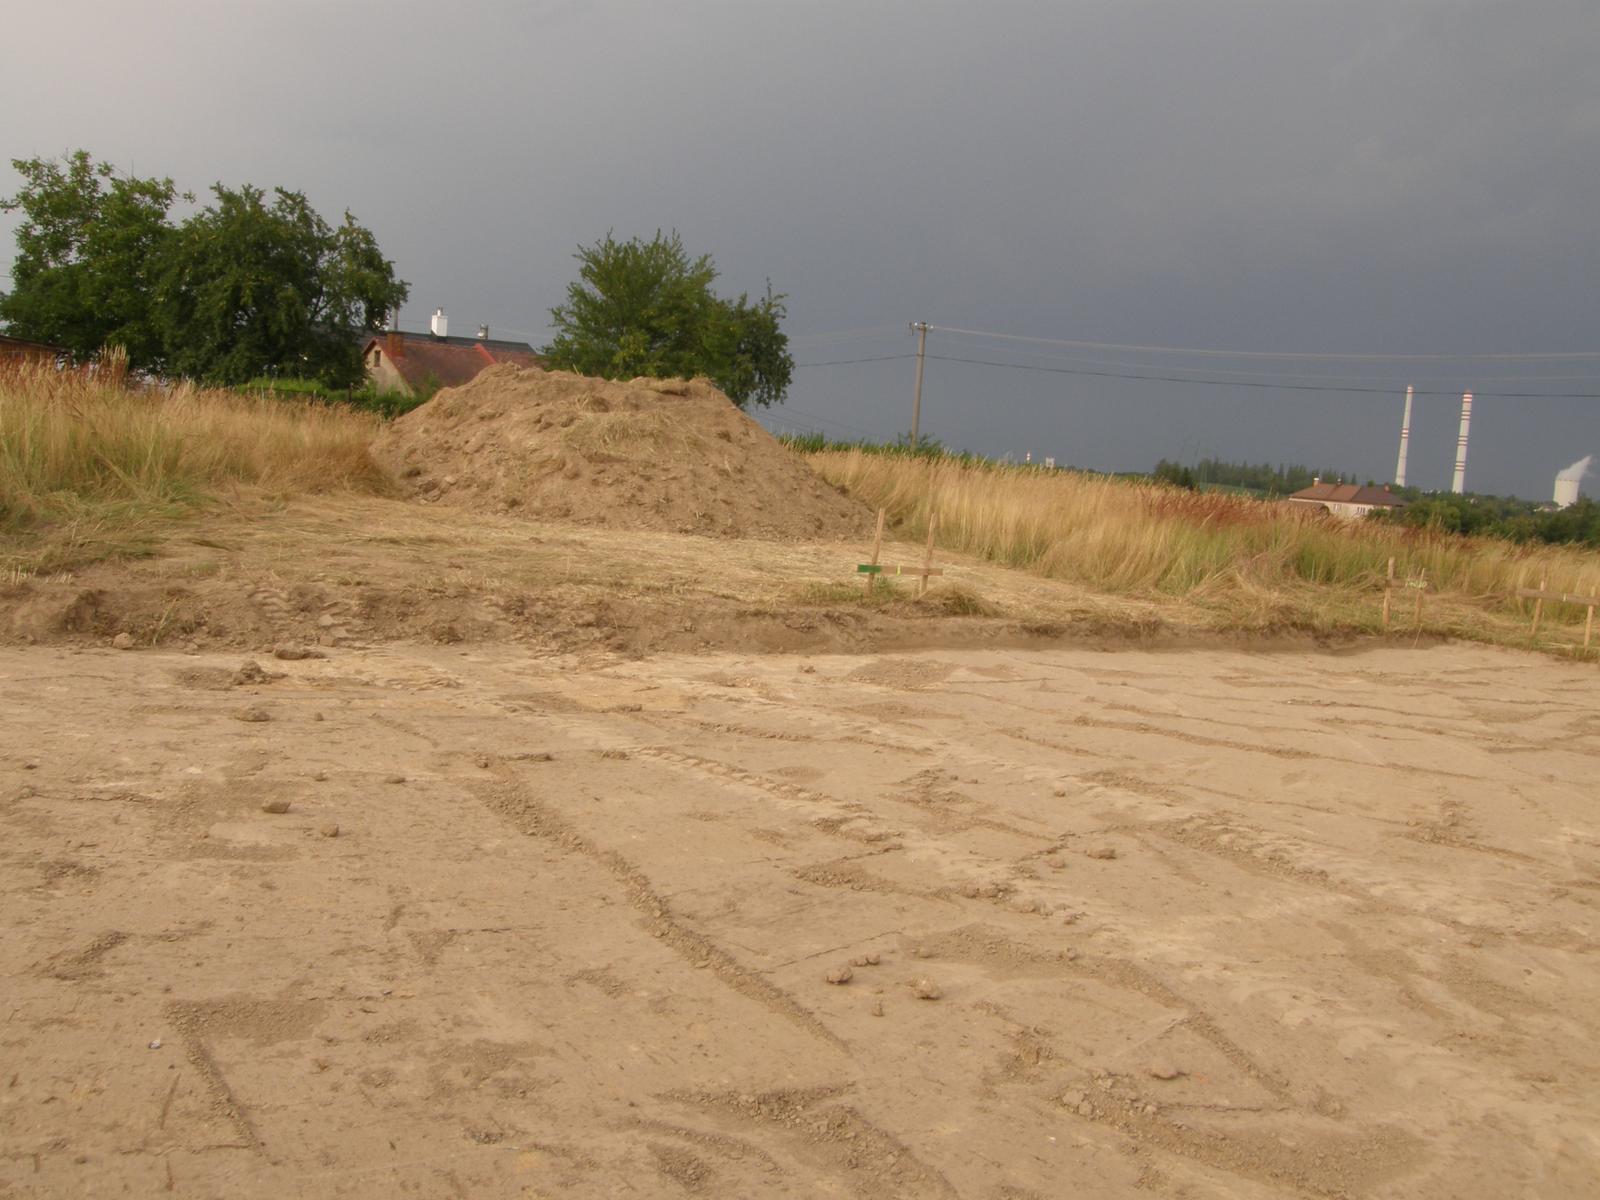 Bungalov 1477 od Euroline - 18.7.2015 Skrývka je za námi a na pozemku před námi další hromada hlíny. No, jestli to takhle bude pokračovat, můžem postavit i sjezdovku